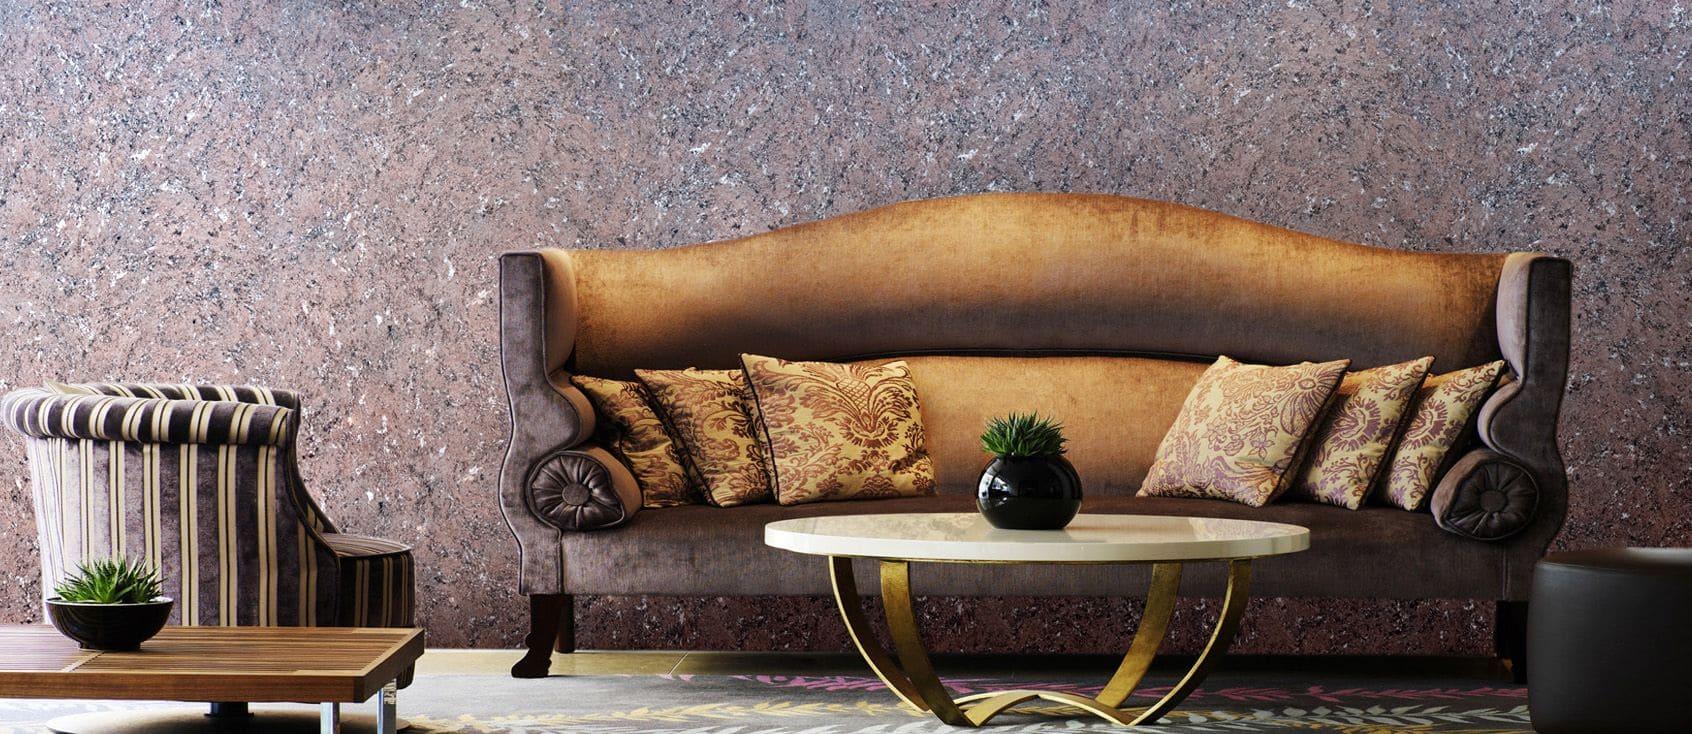 Декоративная штукатурка - лучшие красивые варианты отделки стен в интерьере 056